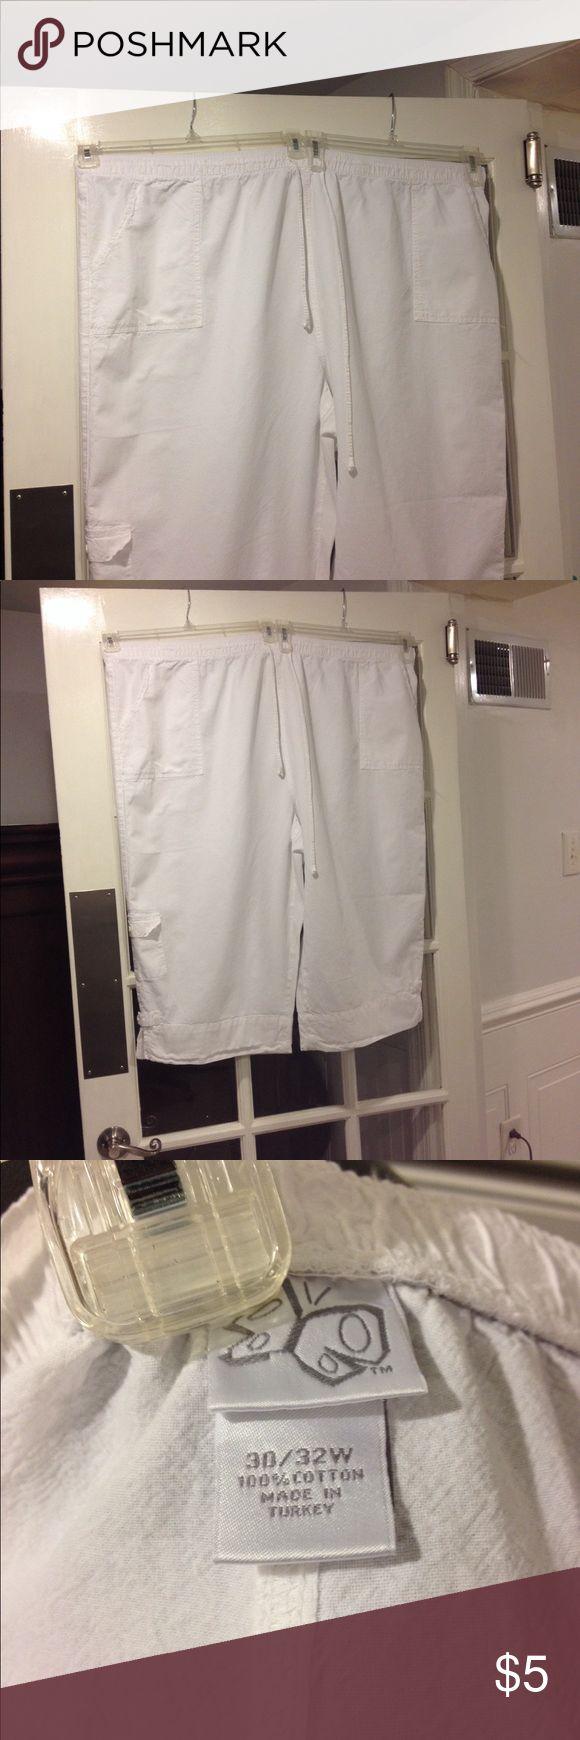 Size 30-32W Capri good condition Size 30-32W Capri good condition Pants Capris